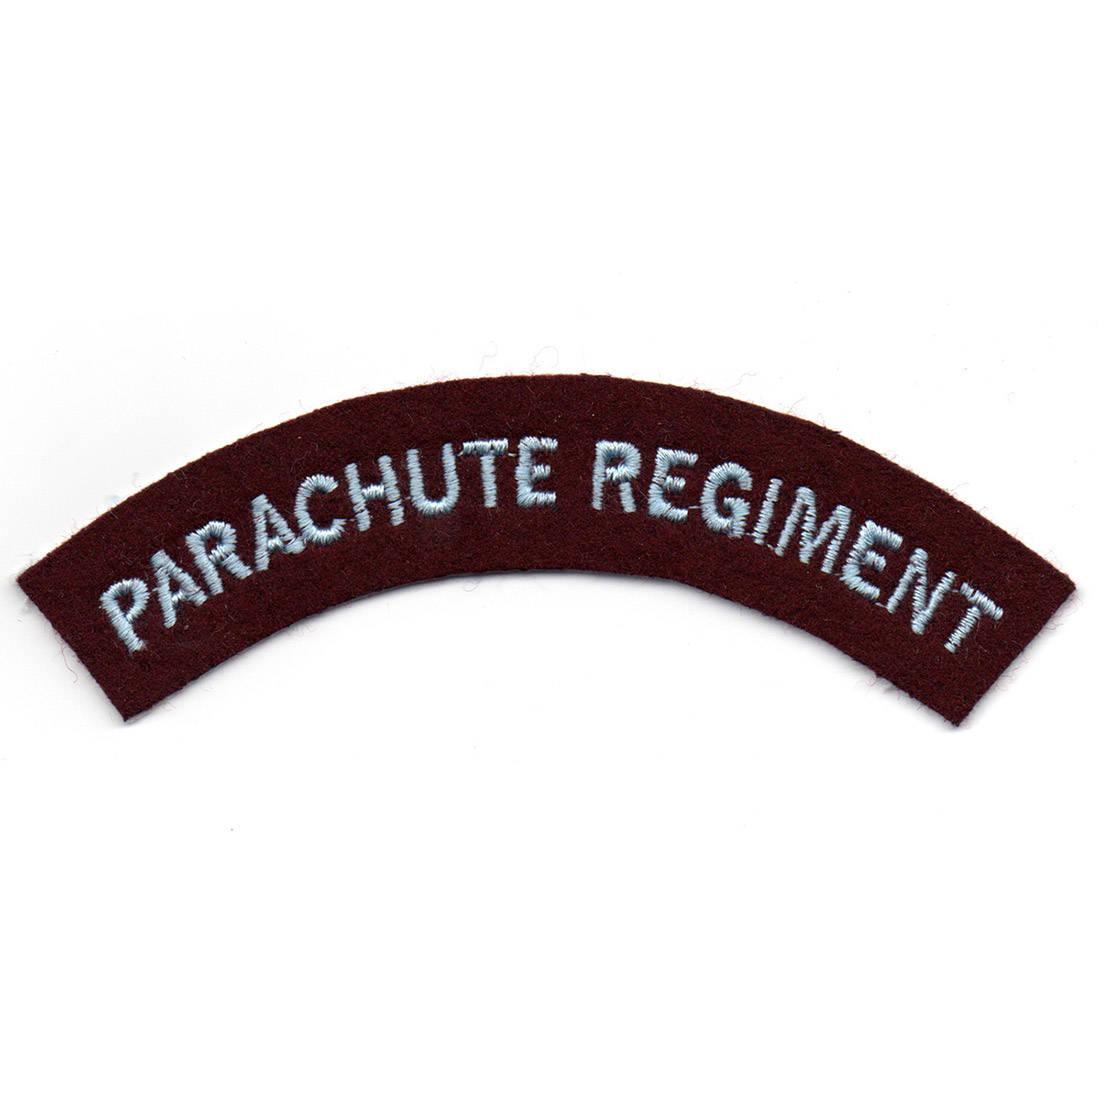 Parachute Regiment Shoulder Flashes Pair (L Blue Text On Maroon)